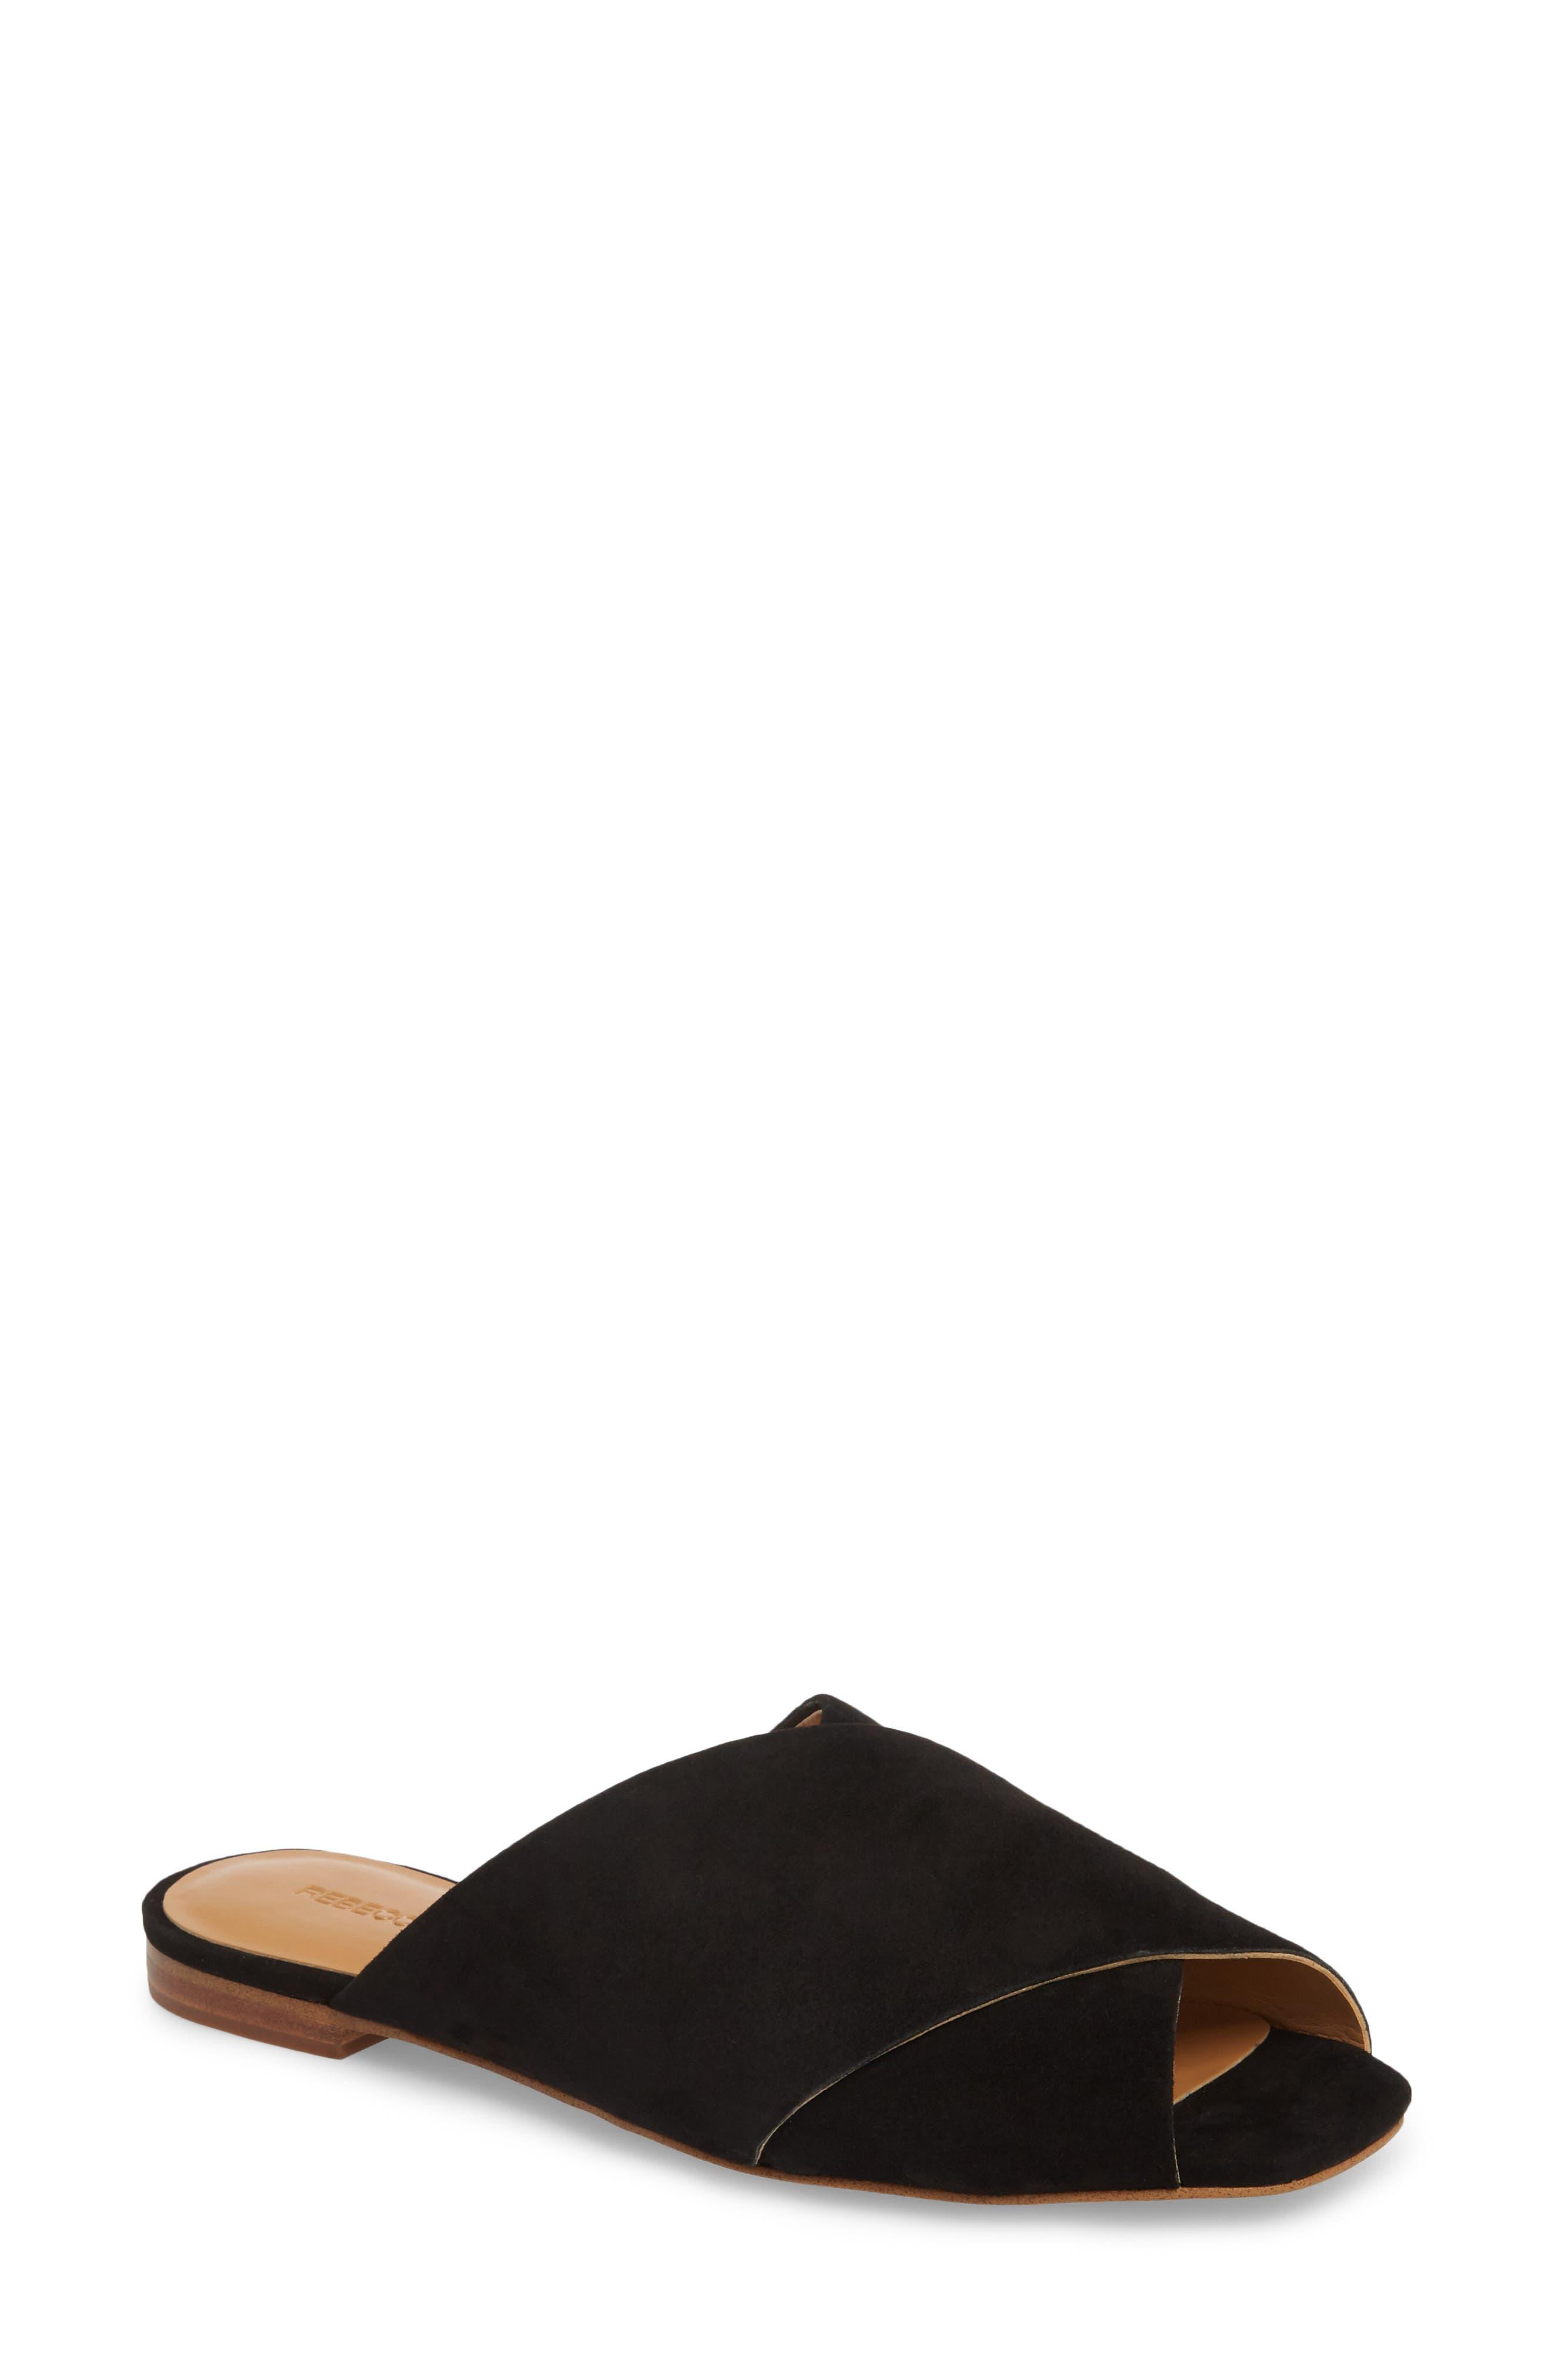 Rebecca Minkoff Anden Slide Sandal, Black